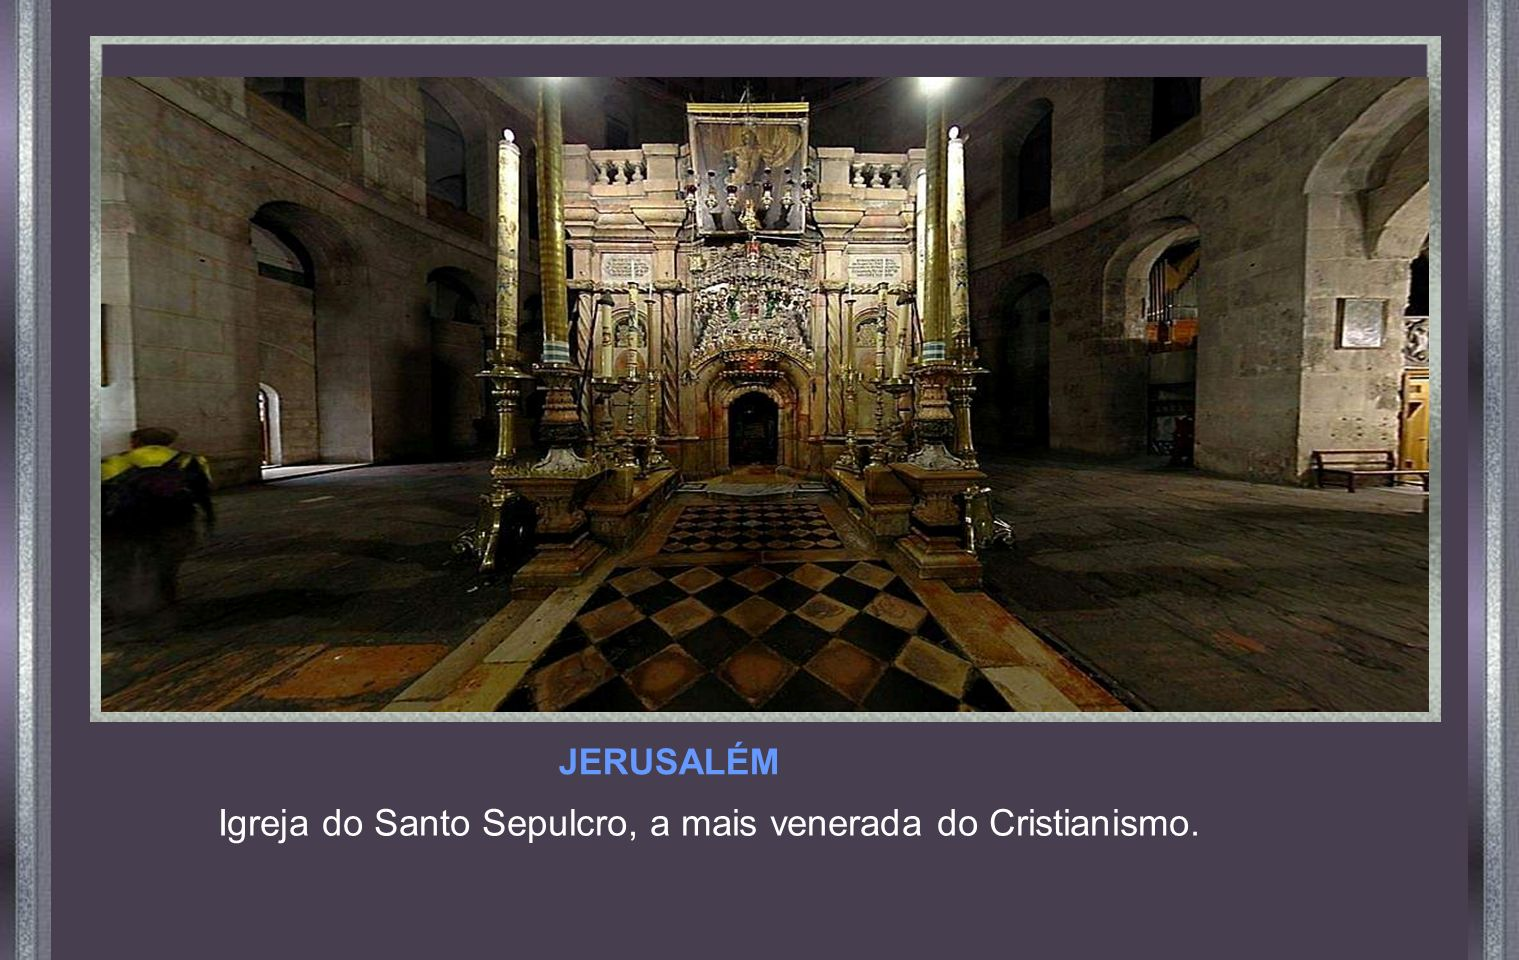 Igreja do Santo Sepulcro, a mais venerada do Cristianismo.